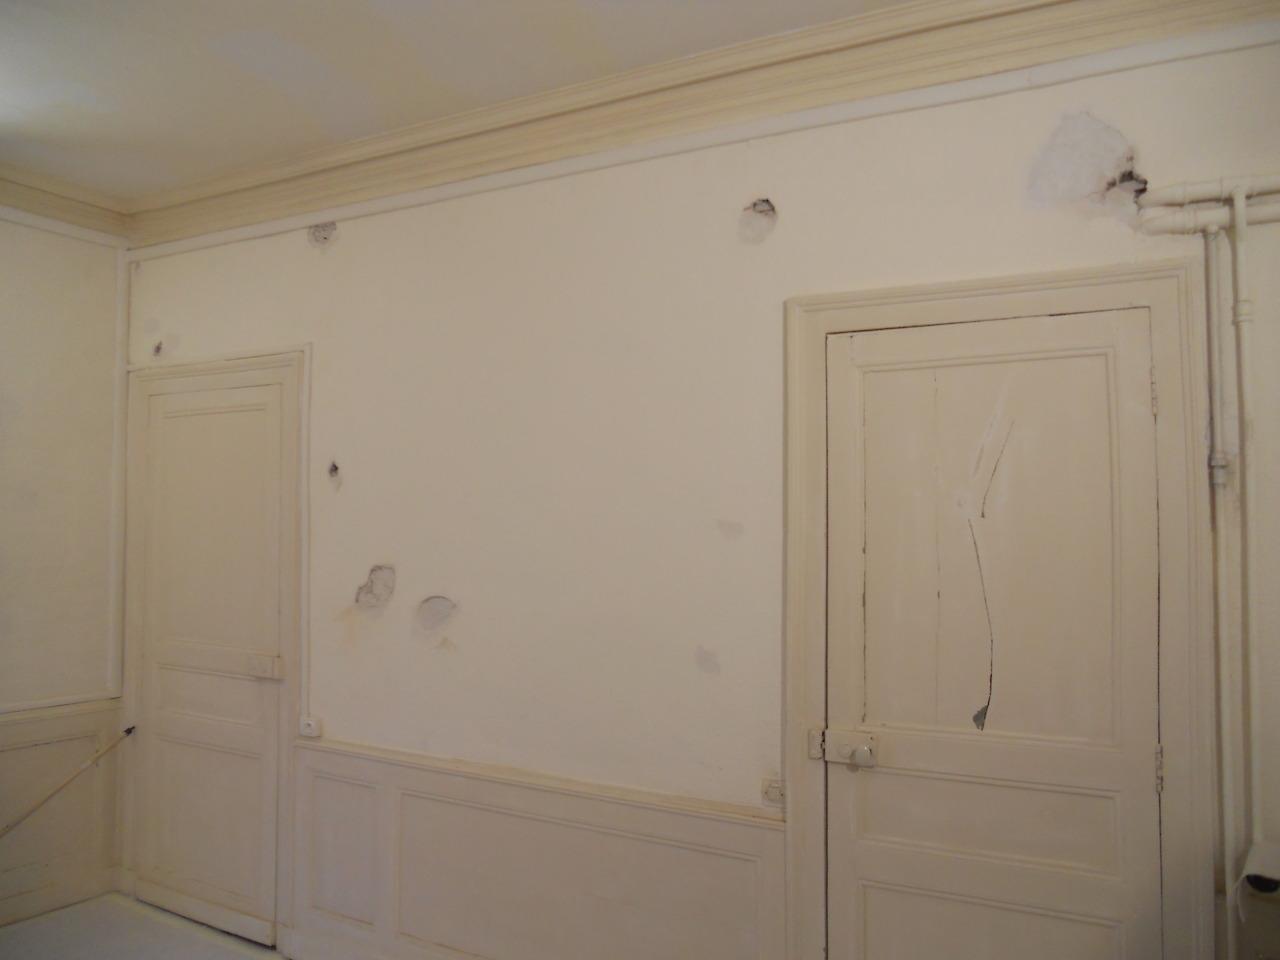 <p>Murs en terre crin avec du crépis à relief, entièrement réenduit pour une finition lisse en peinture.</p>